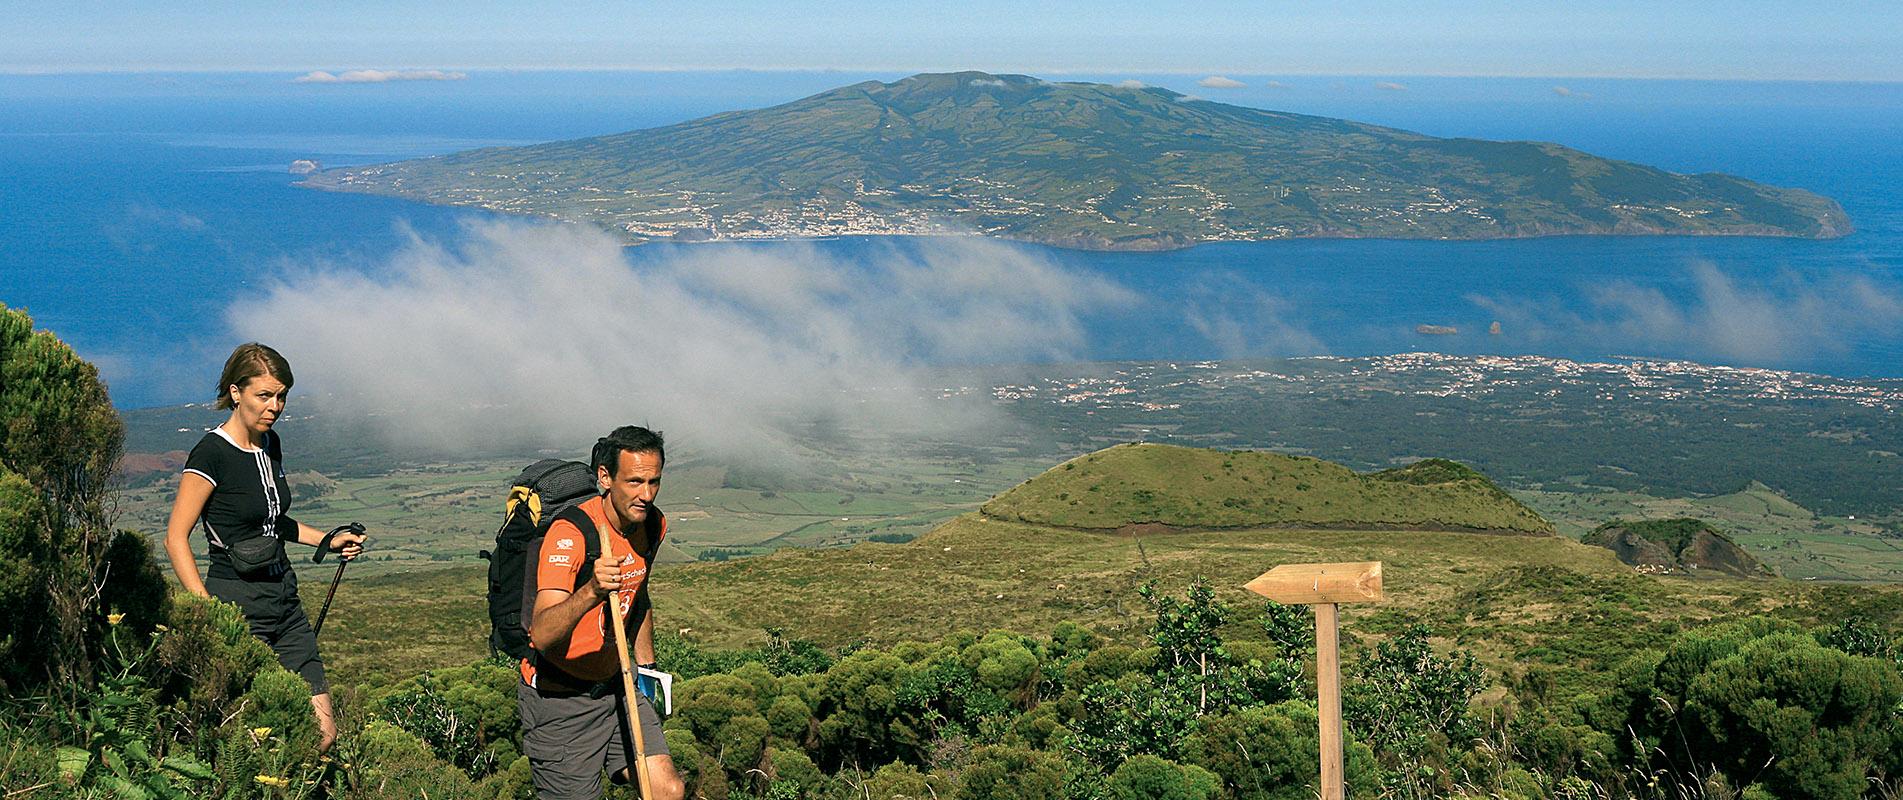 Decouvrez L Ile De Pico Aux Acores Hotels Circuits Voyages Aux